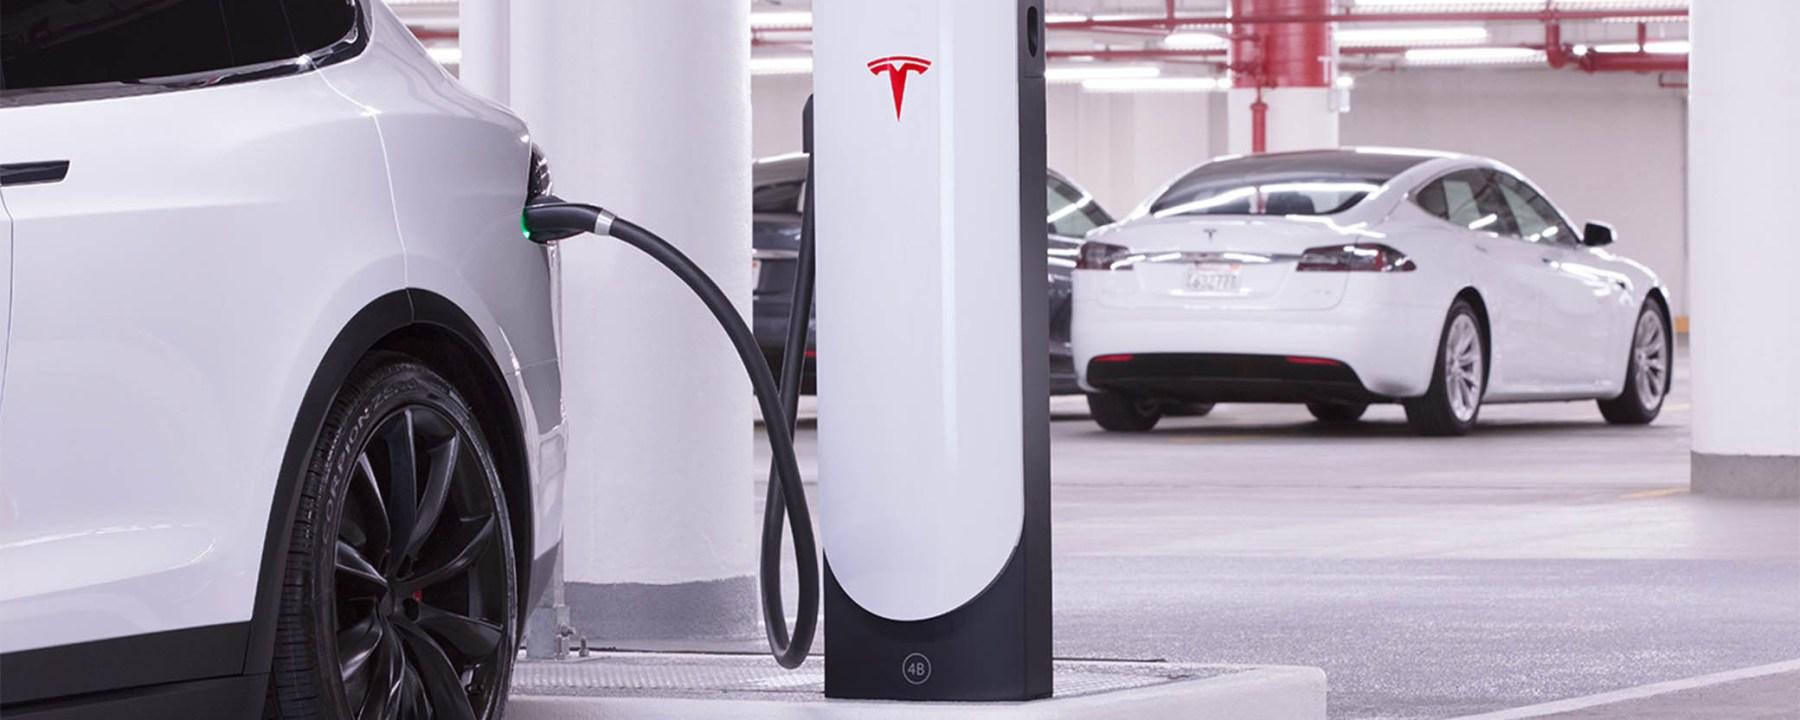 Tesla Plugged-In